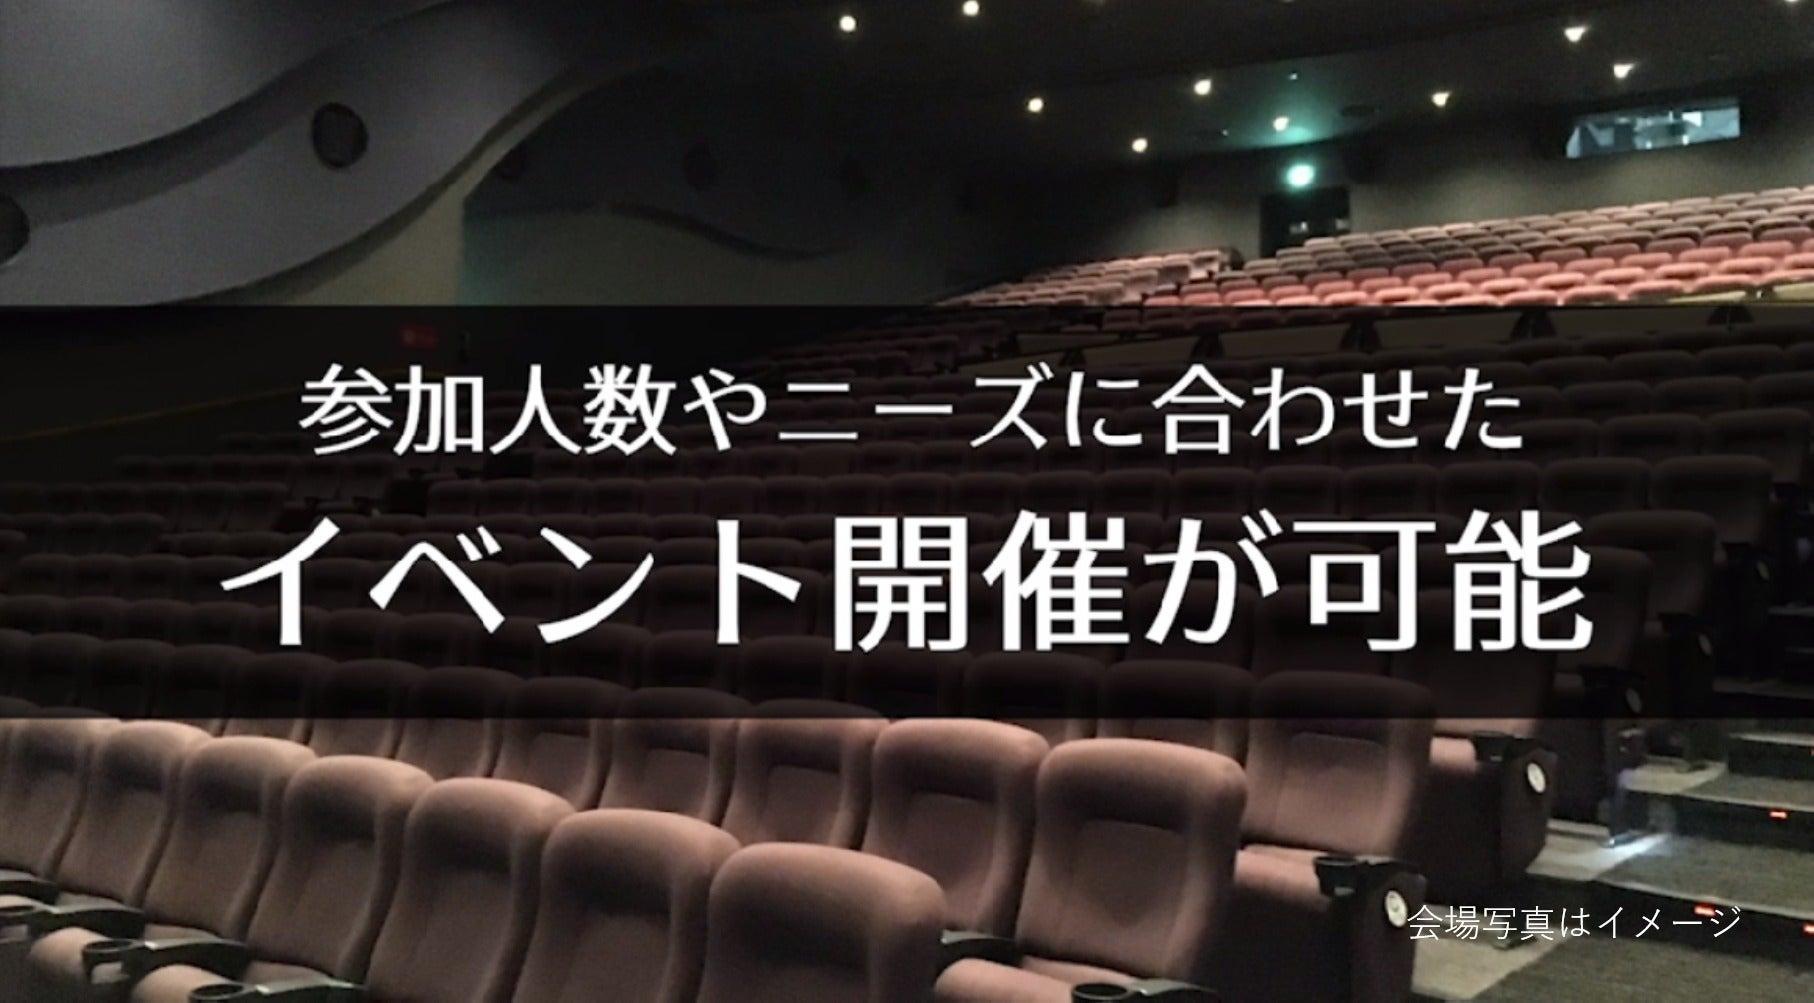 【新潟 382席】映画館で、会社説明会、株主総会、講演会の企画はいかがですか?